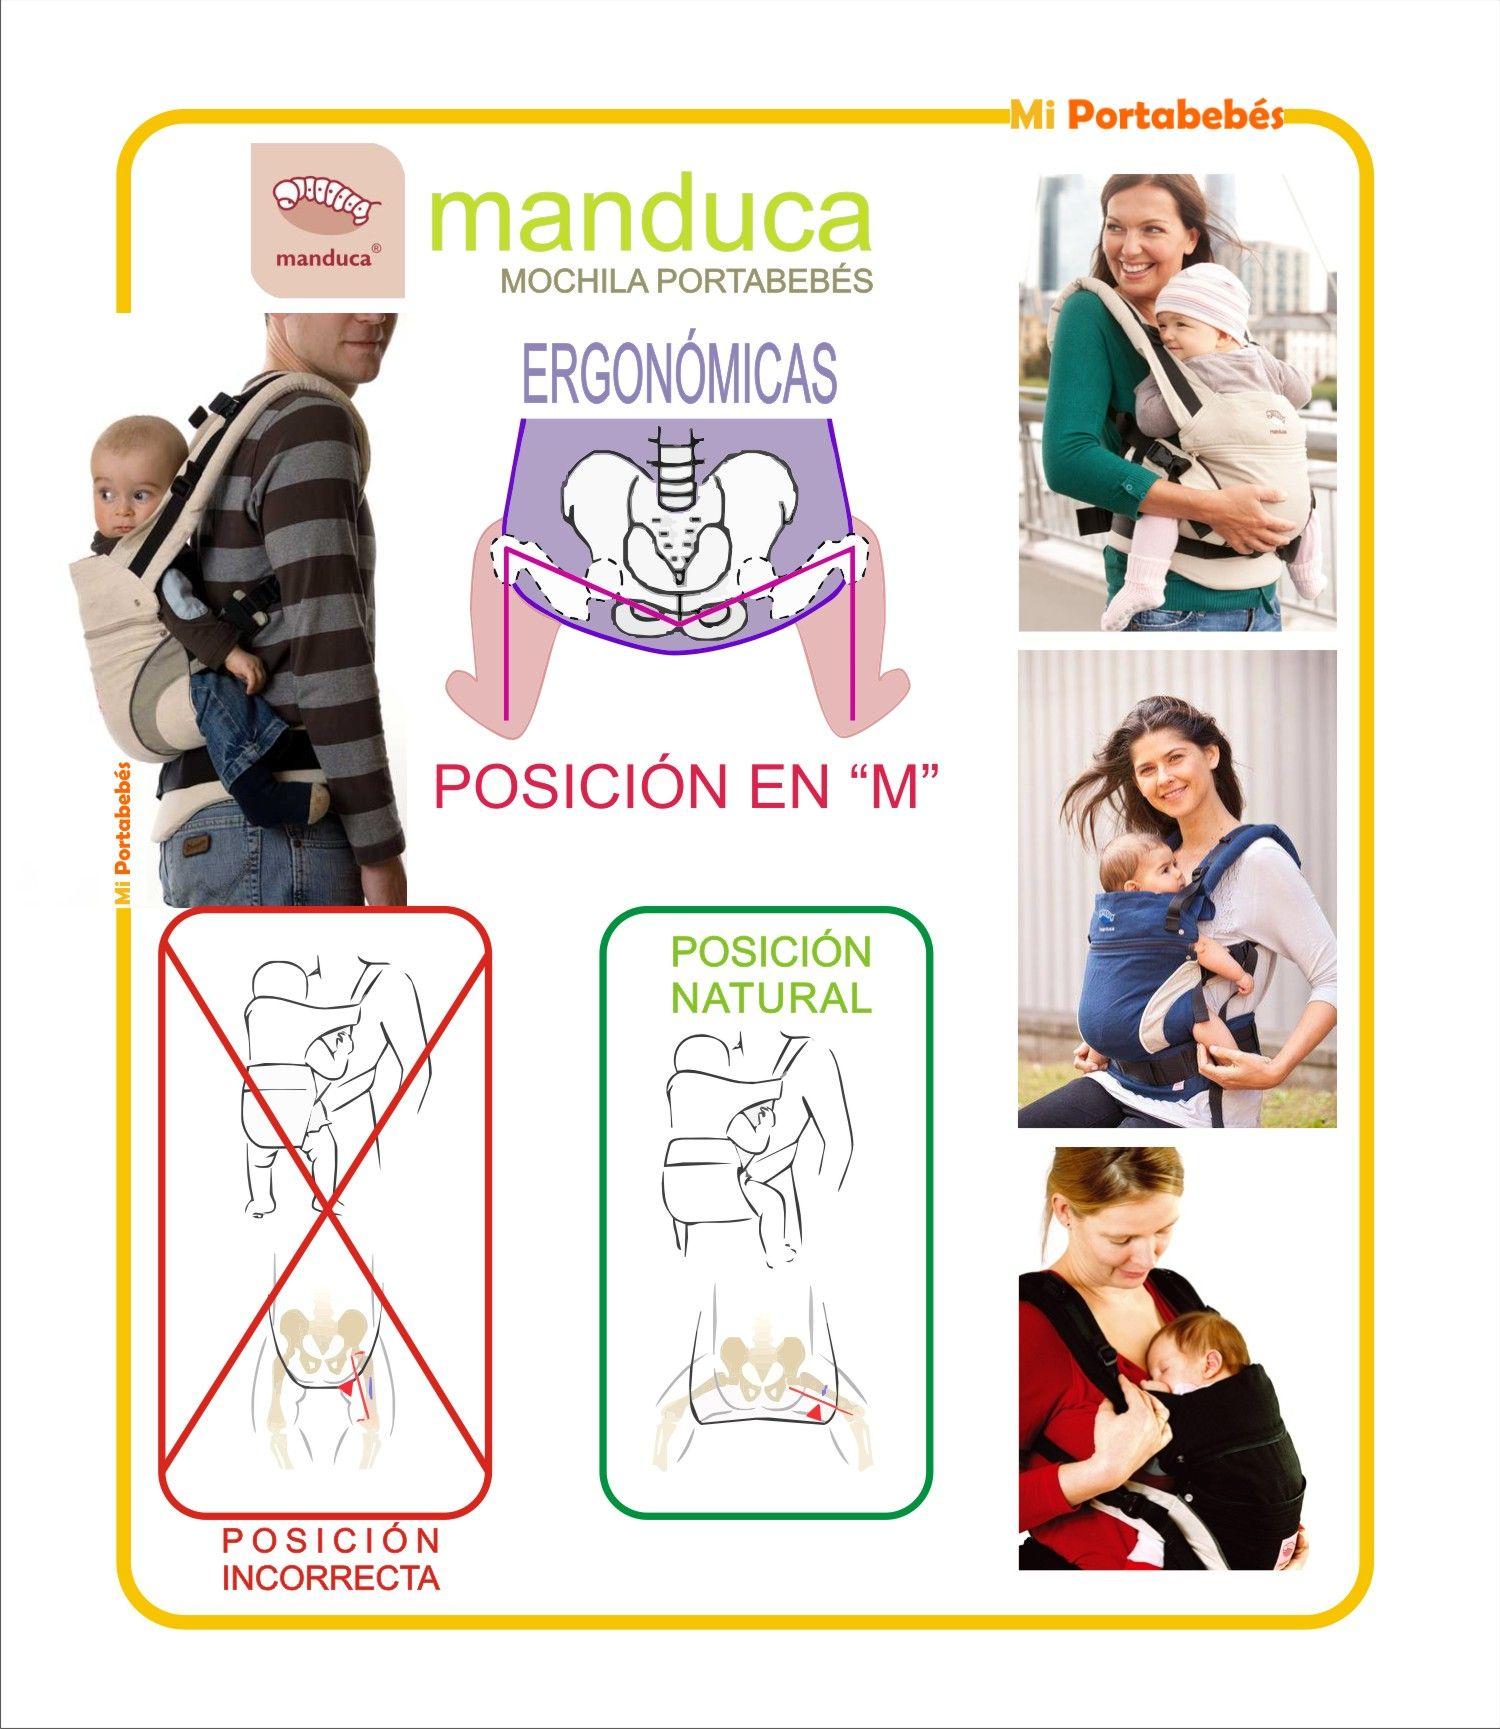 2d365ff804c Que es la posición en M usos mochilas manduca portabebes montana mochila  portabebes